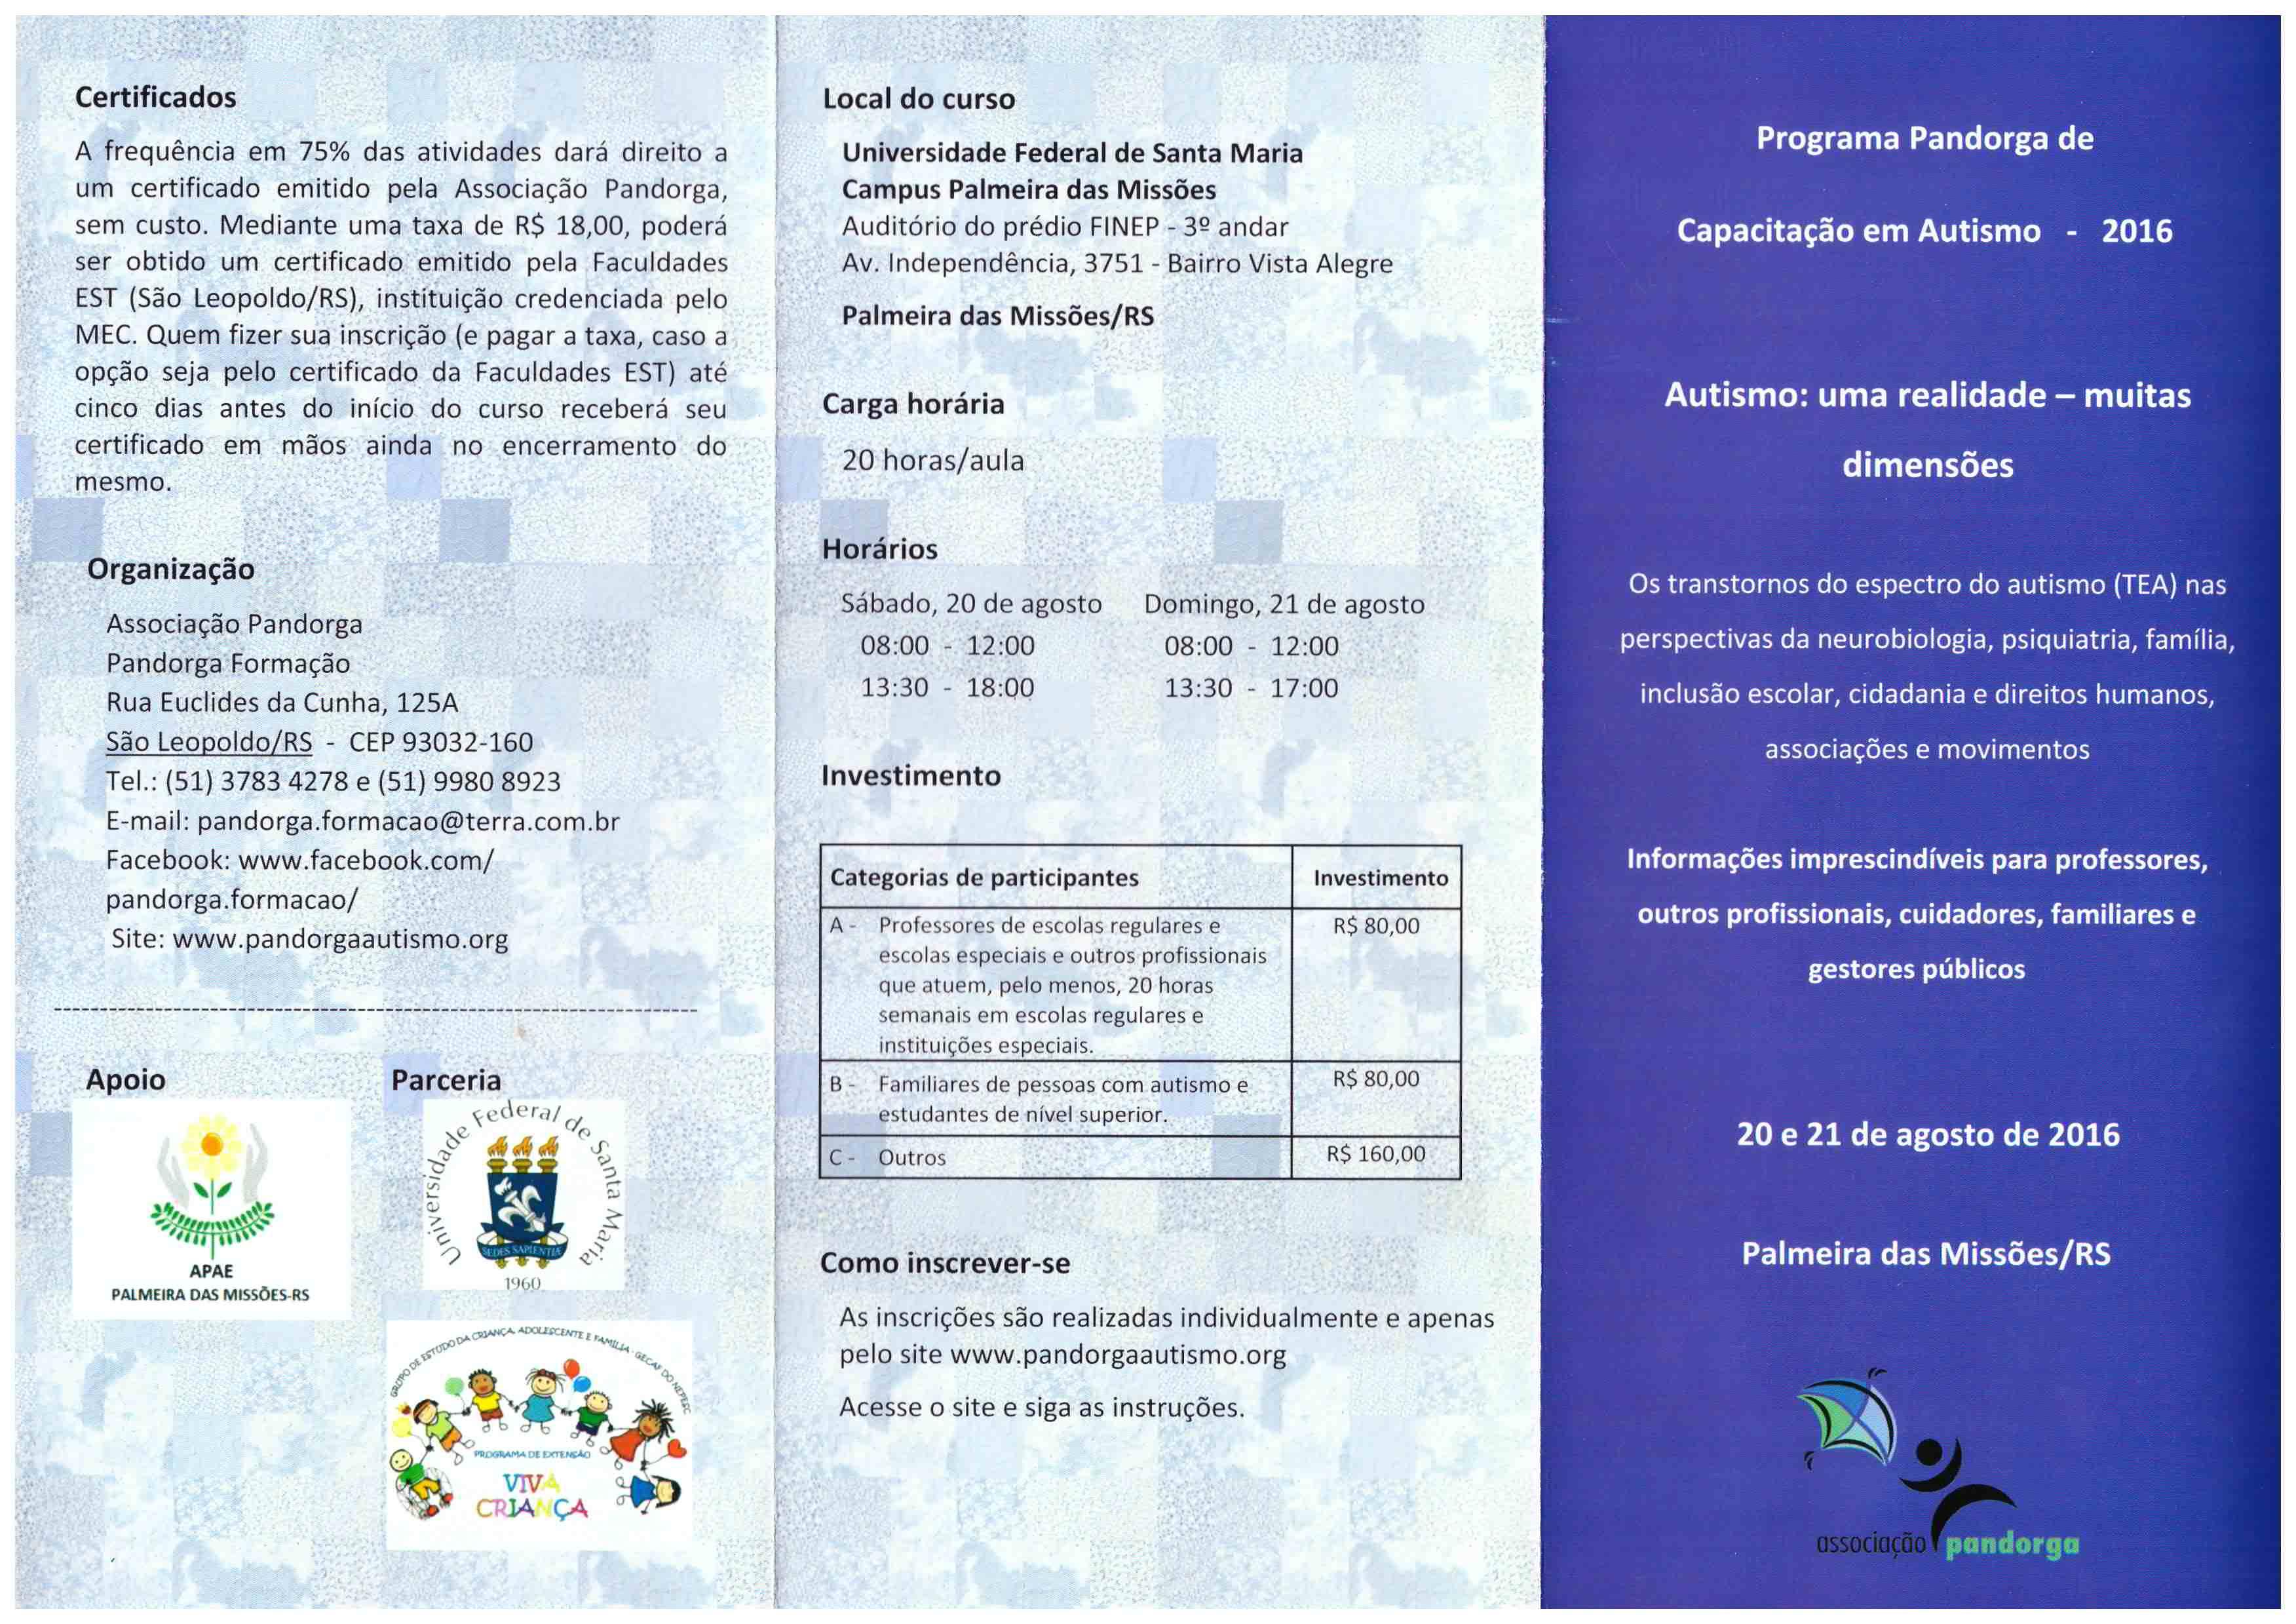 Program_Pandorga_de_Capacitação_em_Autismo_-_2016.jpg